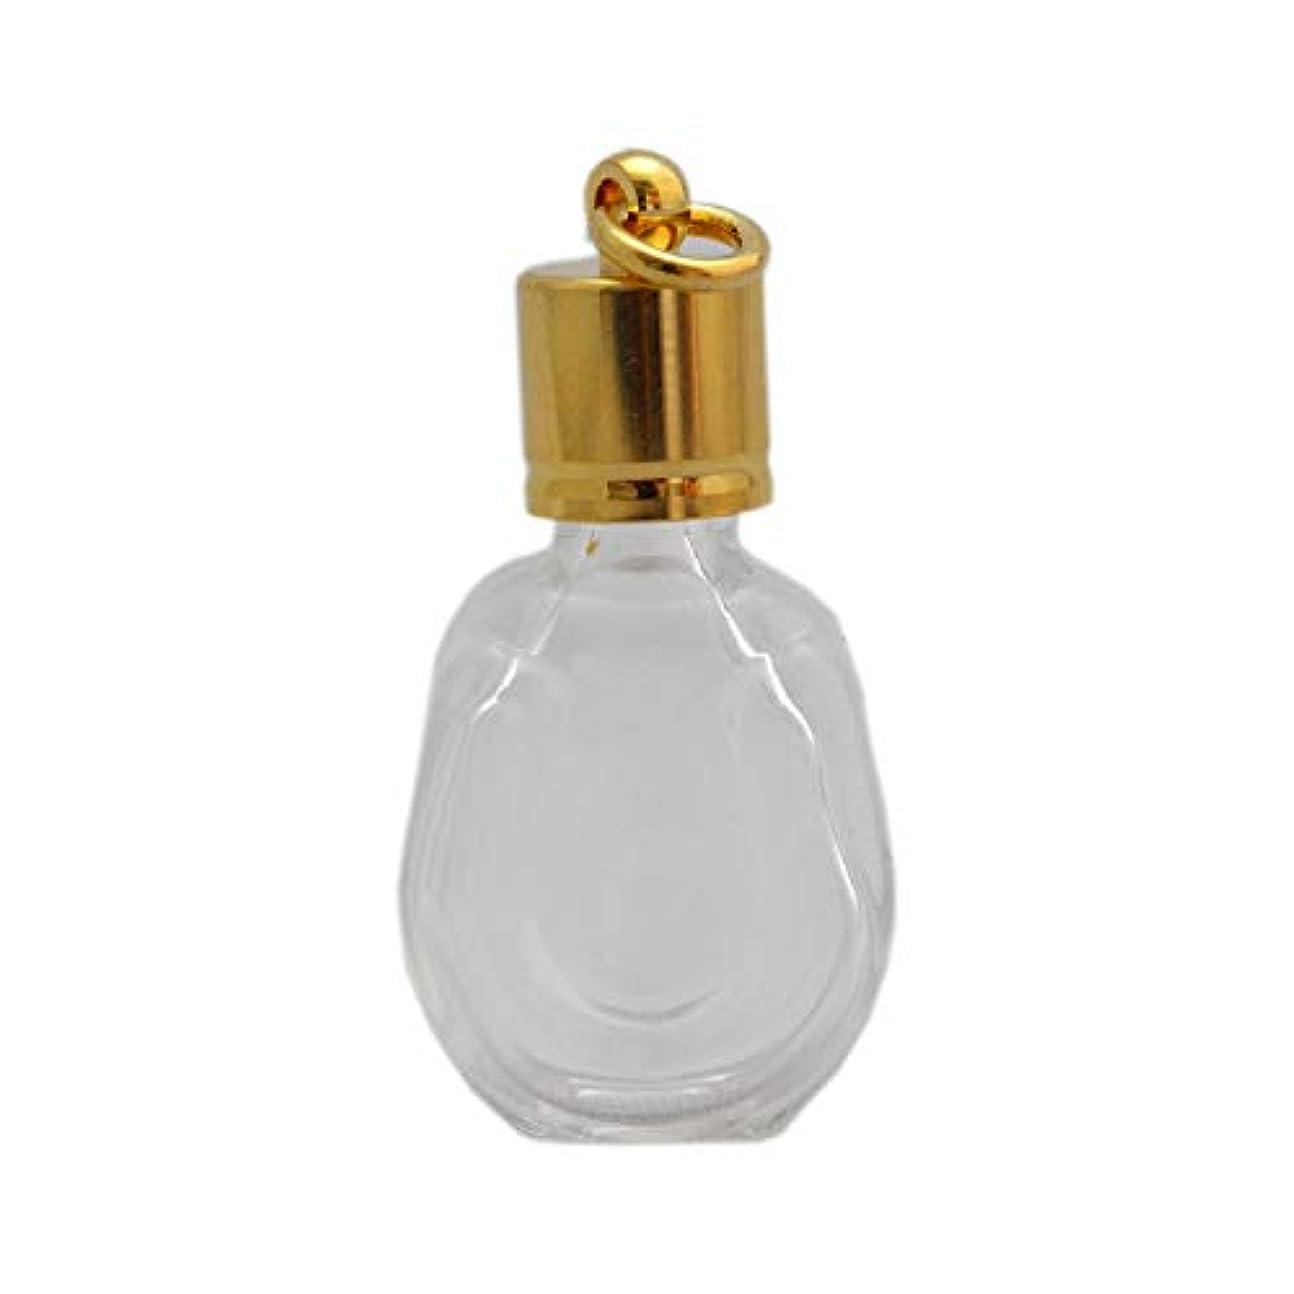 悪質な鉄道不安定なミニ香水瓶 アロマペンダントトップ 馬蹄型(透明 容量1.3ml)×穴あきキャップ ゴールド